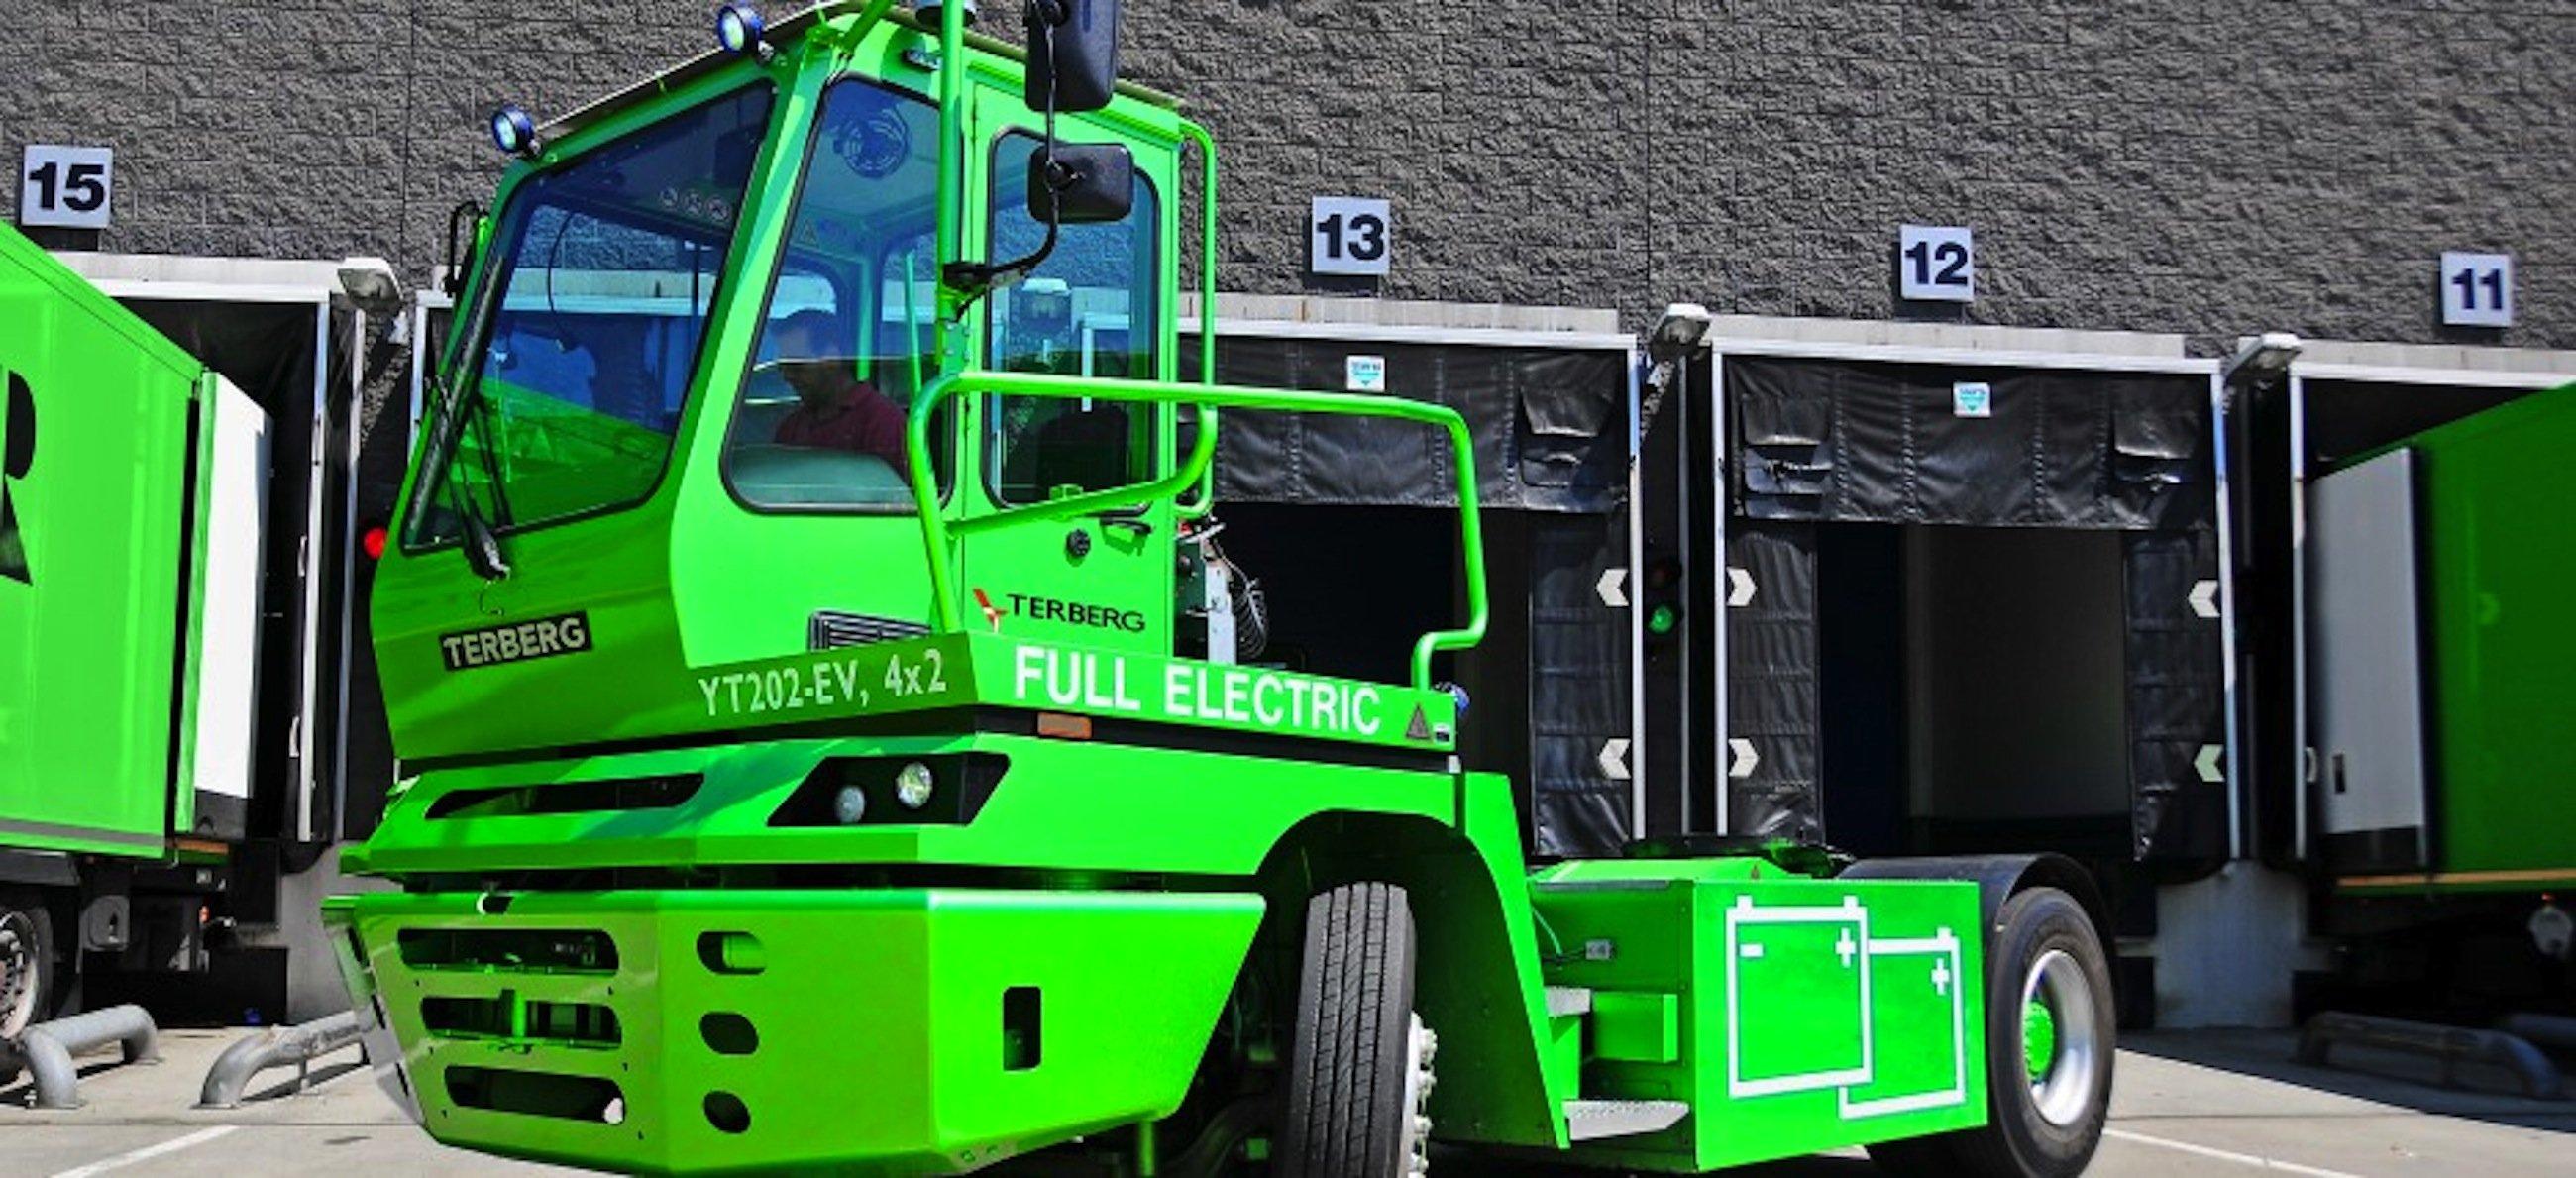 Achtmal täglich wird ab Sommerdie elektrische Zugmaschine YT202-EV von Terberg das Münchner BMW-Werk anfahren. Eingesetzt wird der E-Truck auch schon zum Transport von Containern und Kaffee in Hamburg, Berlin und Herne.